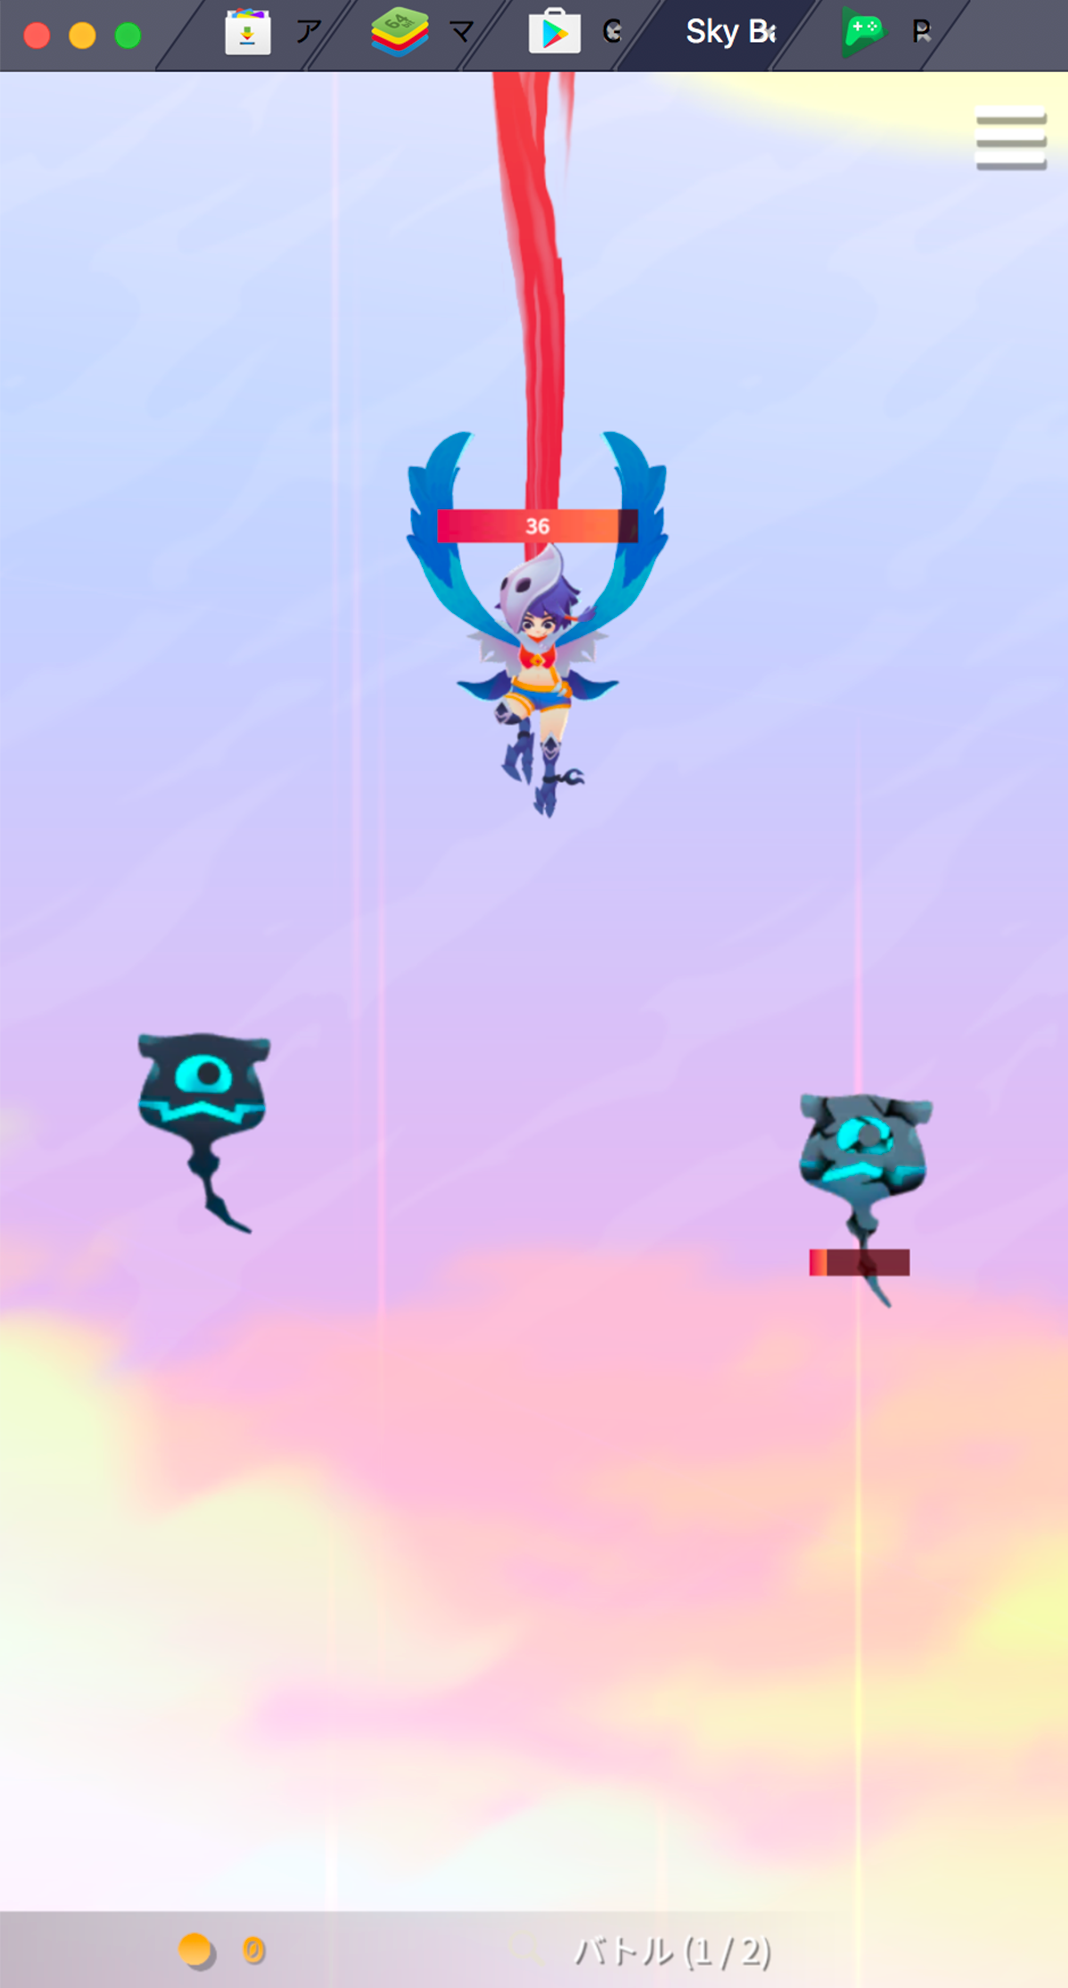 BlueStacksを使ってPCで『Sky Bandit』を遊ぼう